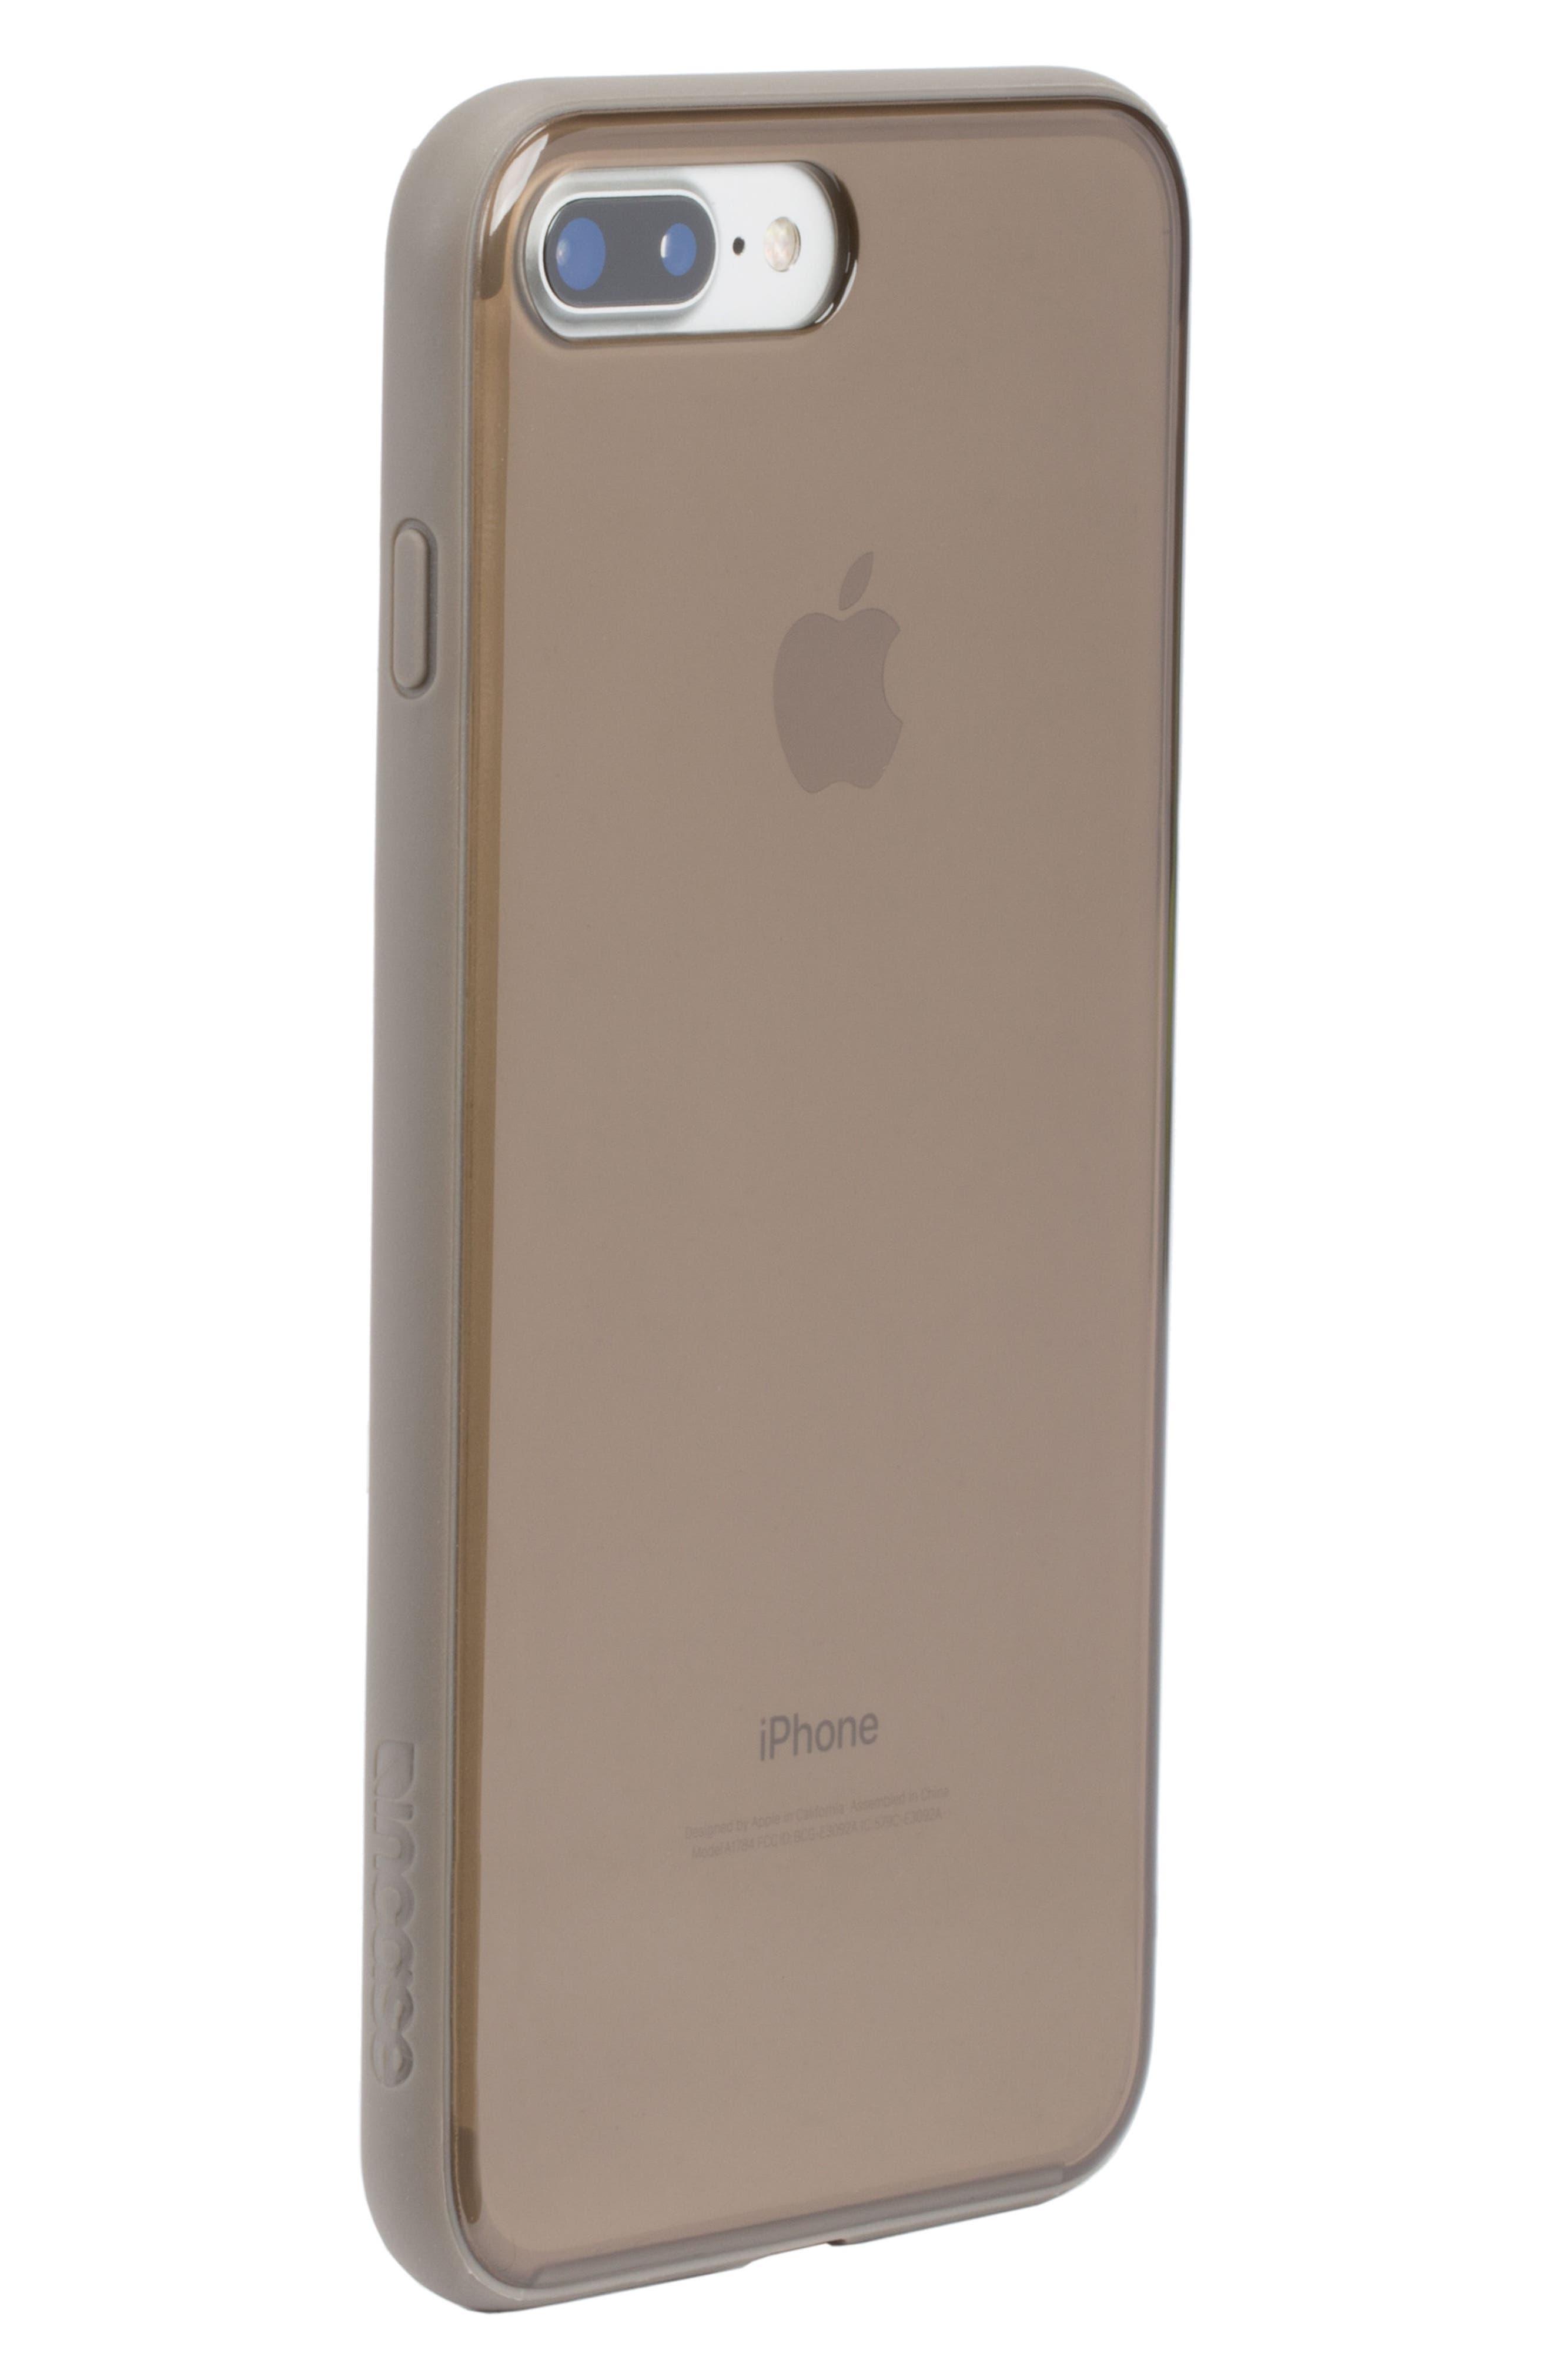 Pop Case Tint iPhone 7 Plus/8 Plus Case,                             Alternate thumbnail 4, color,                             DEEP TAUPE